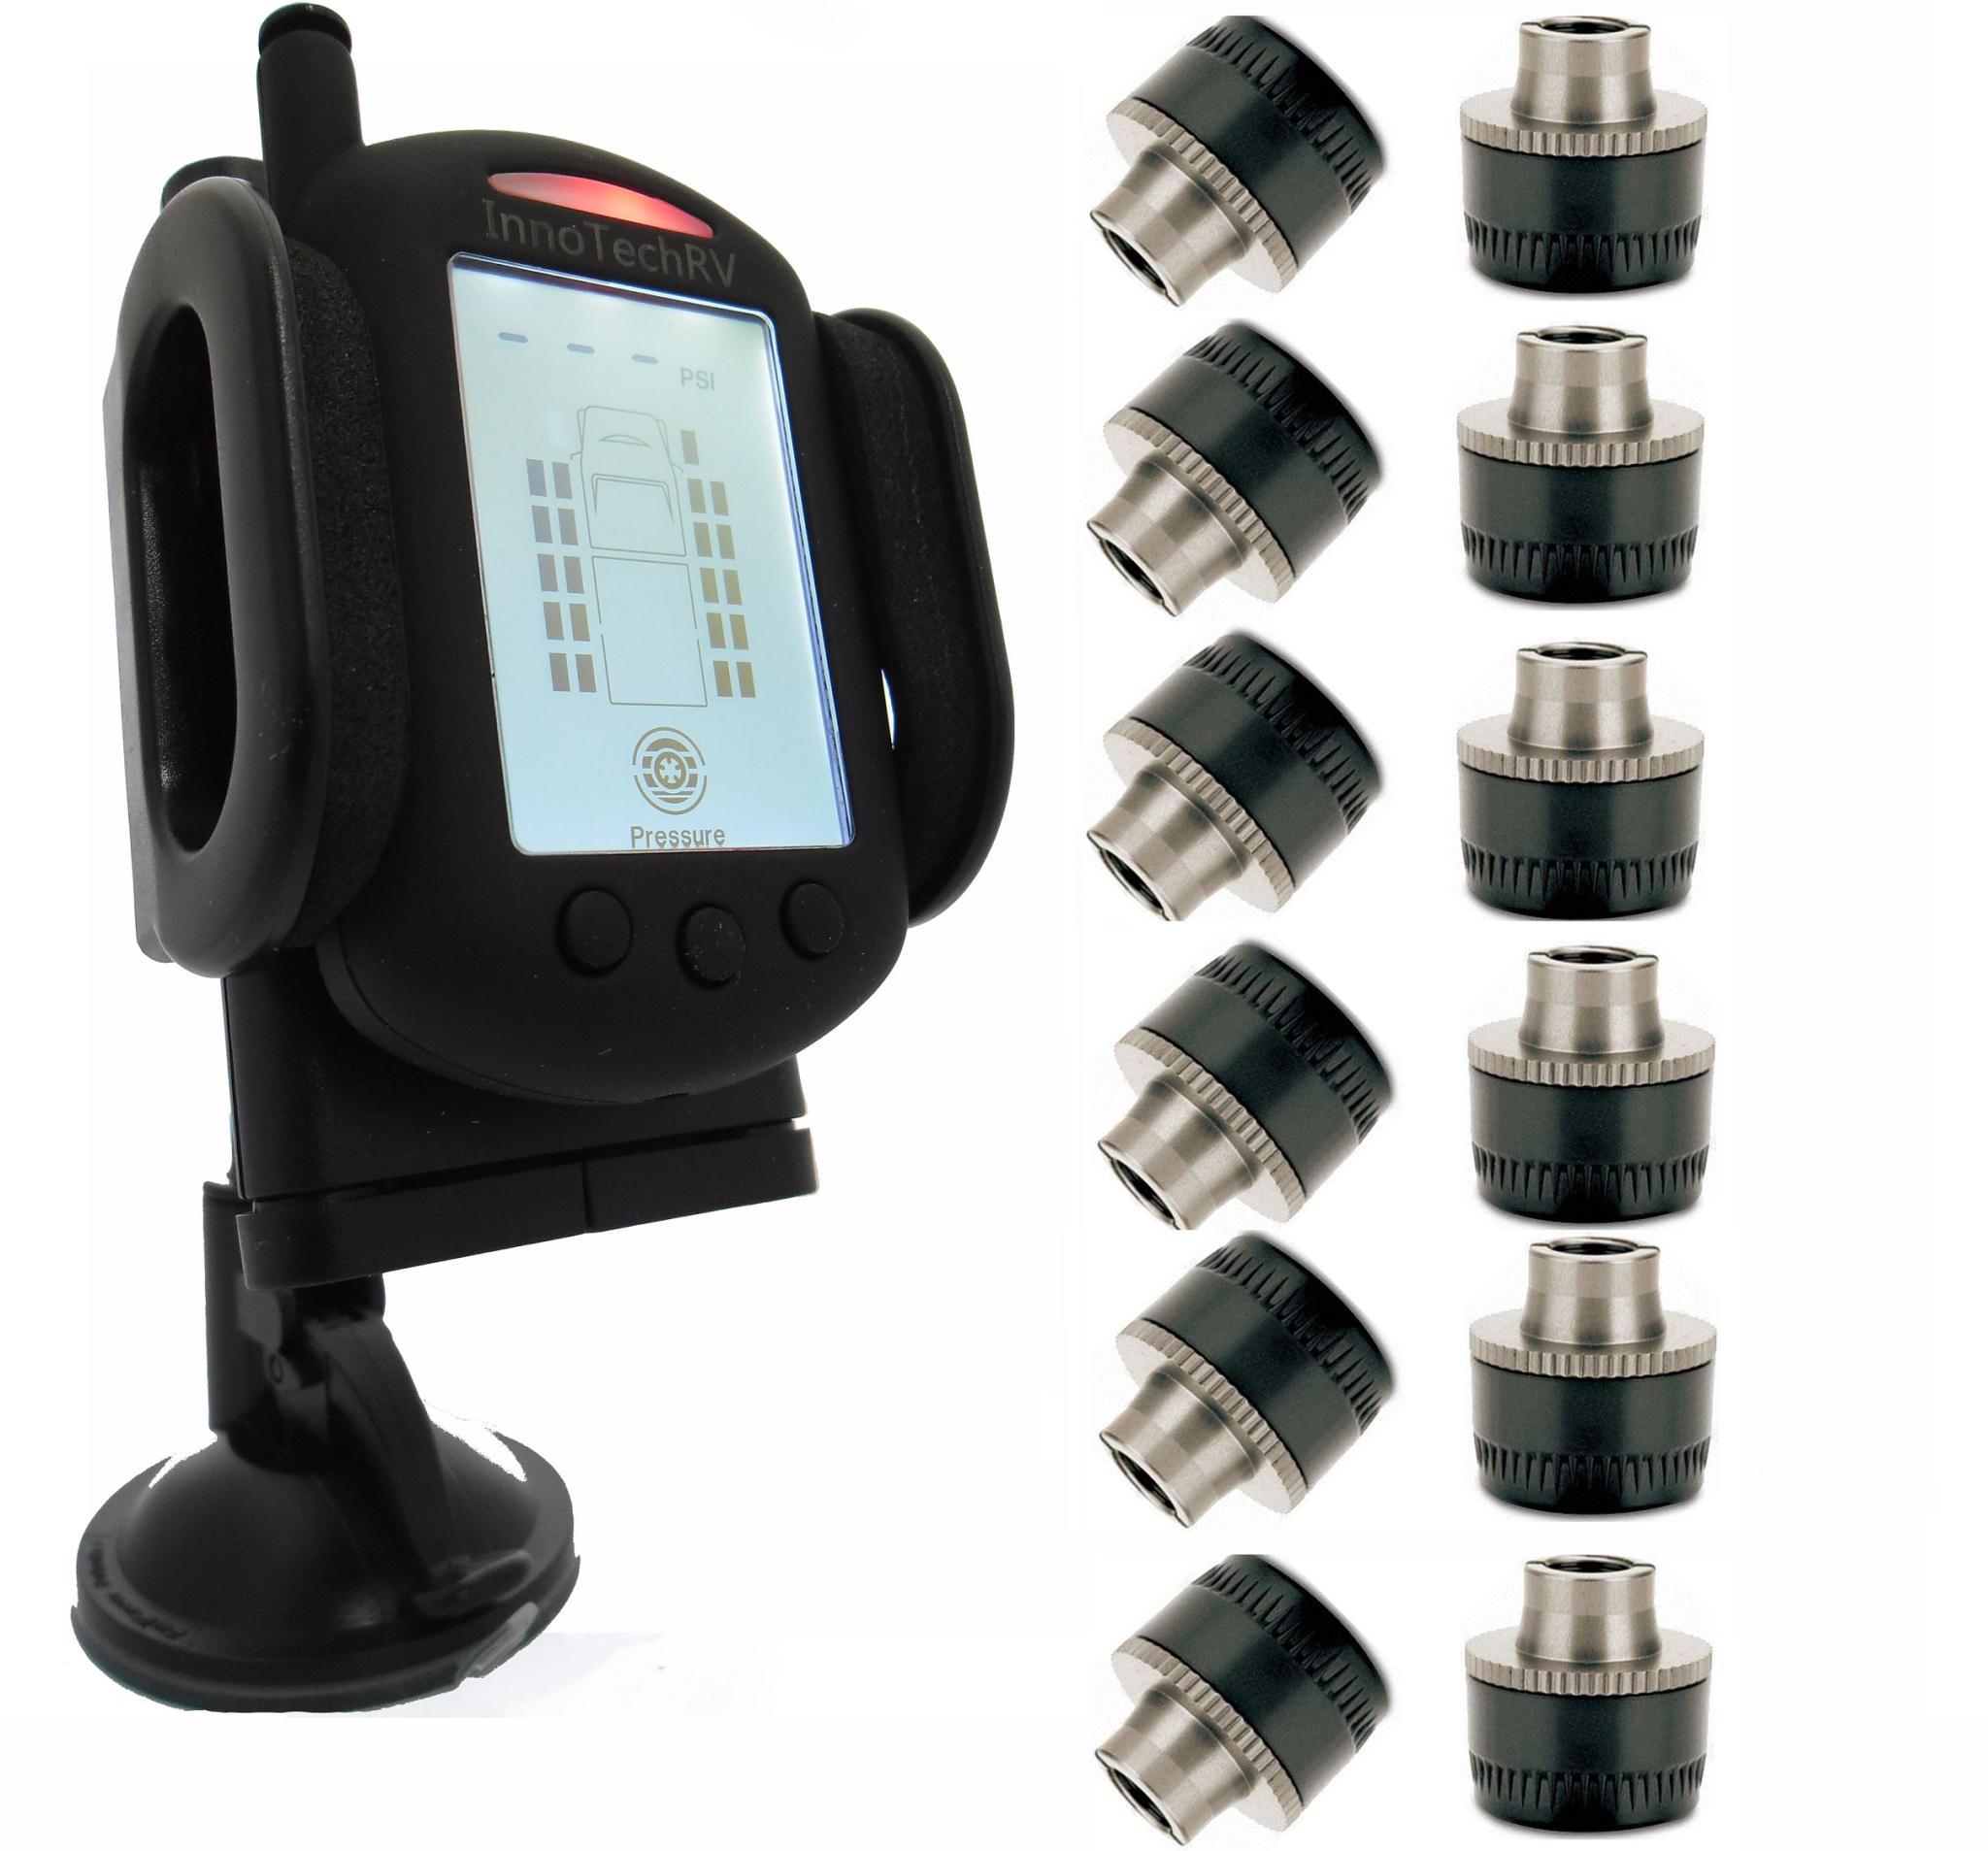 Innotechrv 12 Sensor Tire Pressure Monitoring System